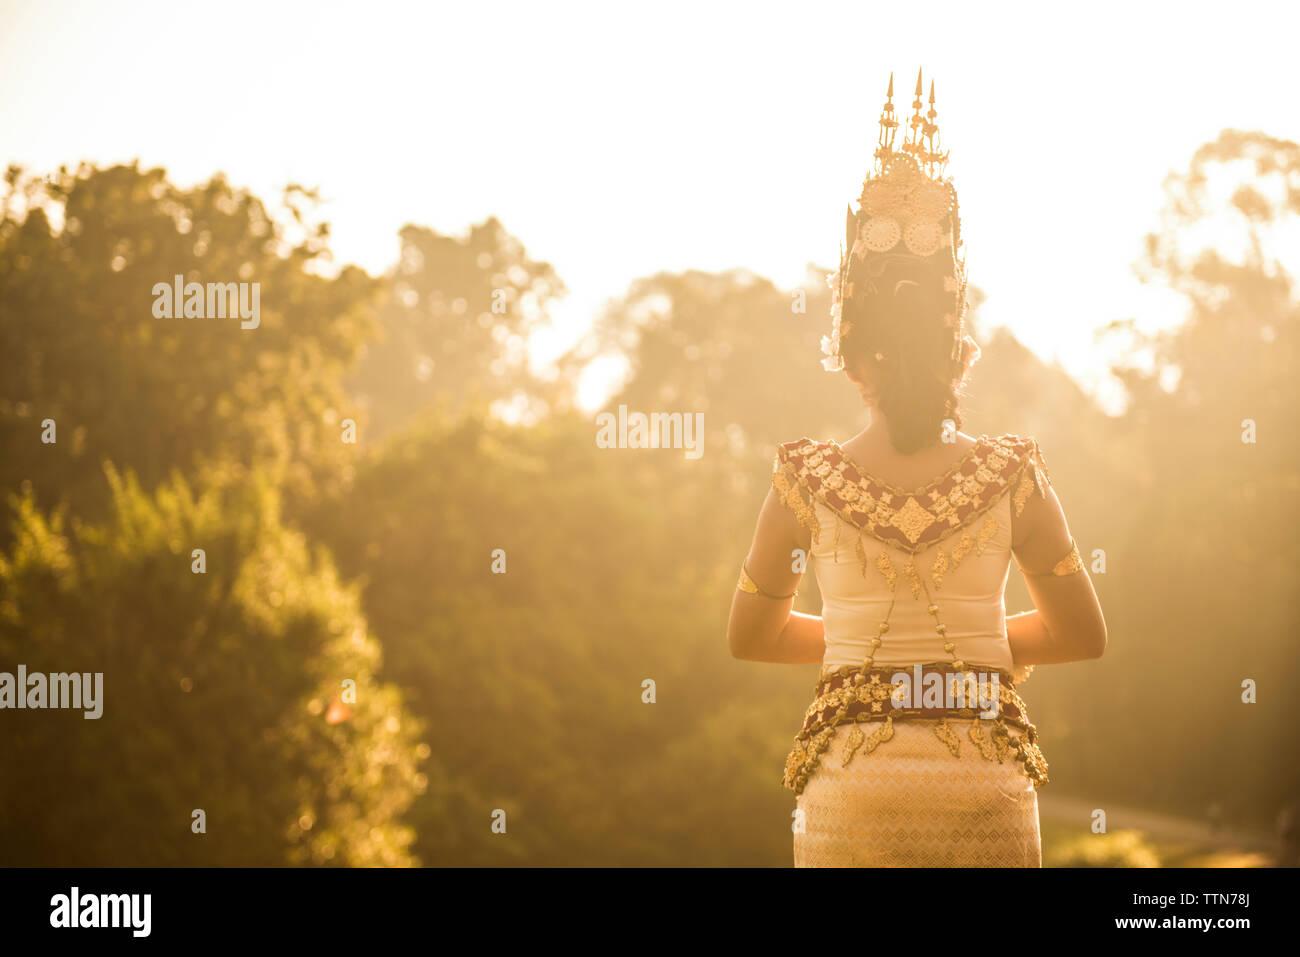 Vue arrière de la femme dans les vêtements traditionnels contre des arbres debout Photo Stock